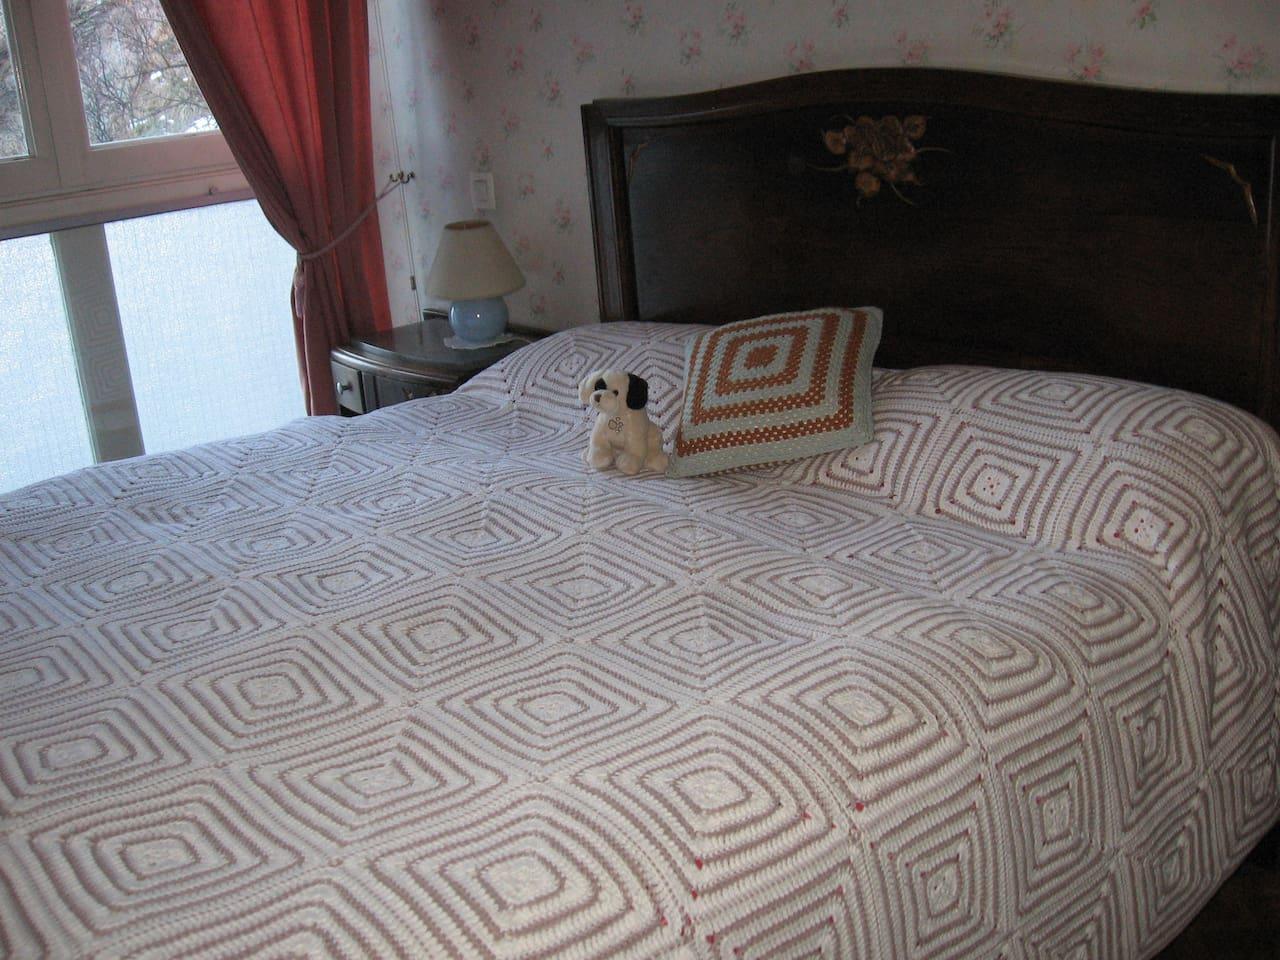 chambre lit 140 - 25 euros par personne - ( un couple 50 euros )